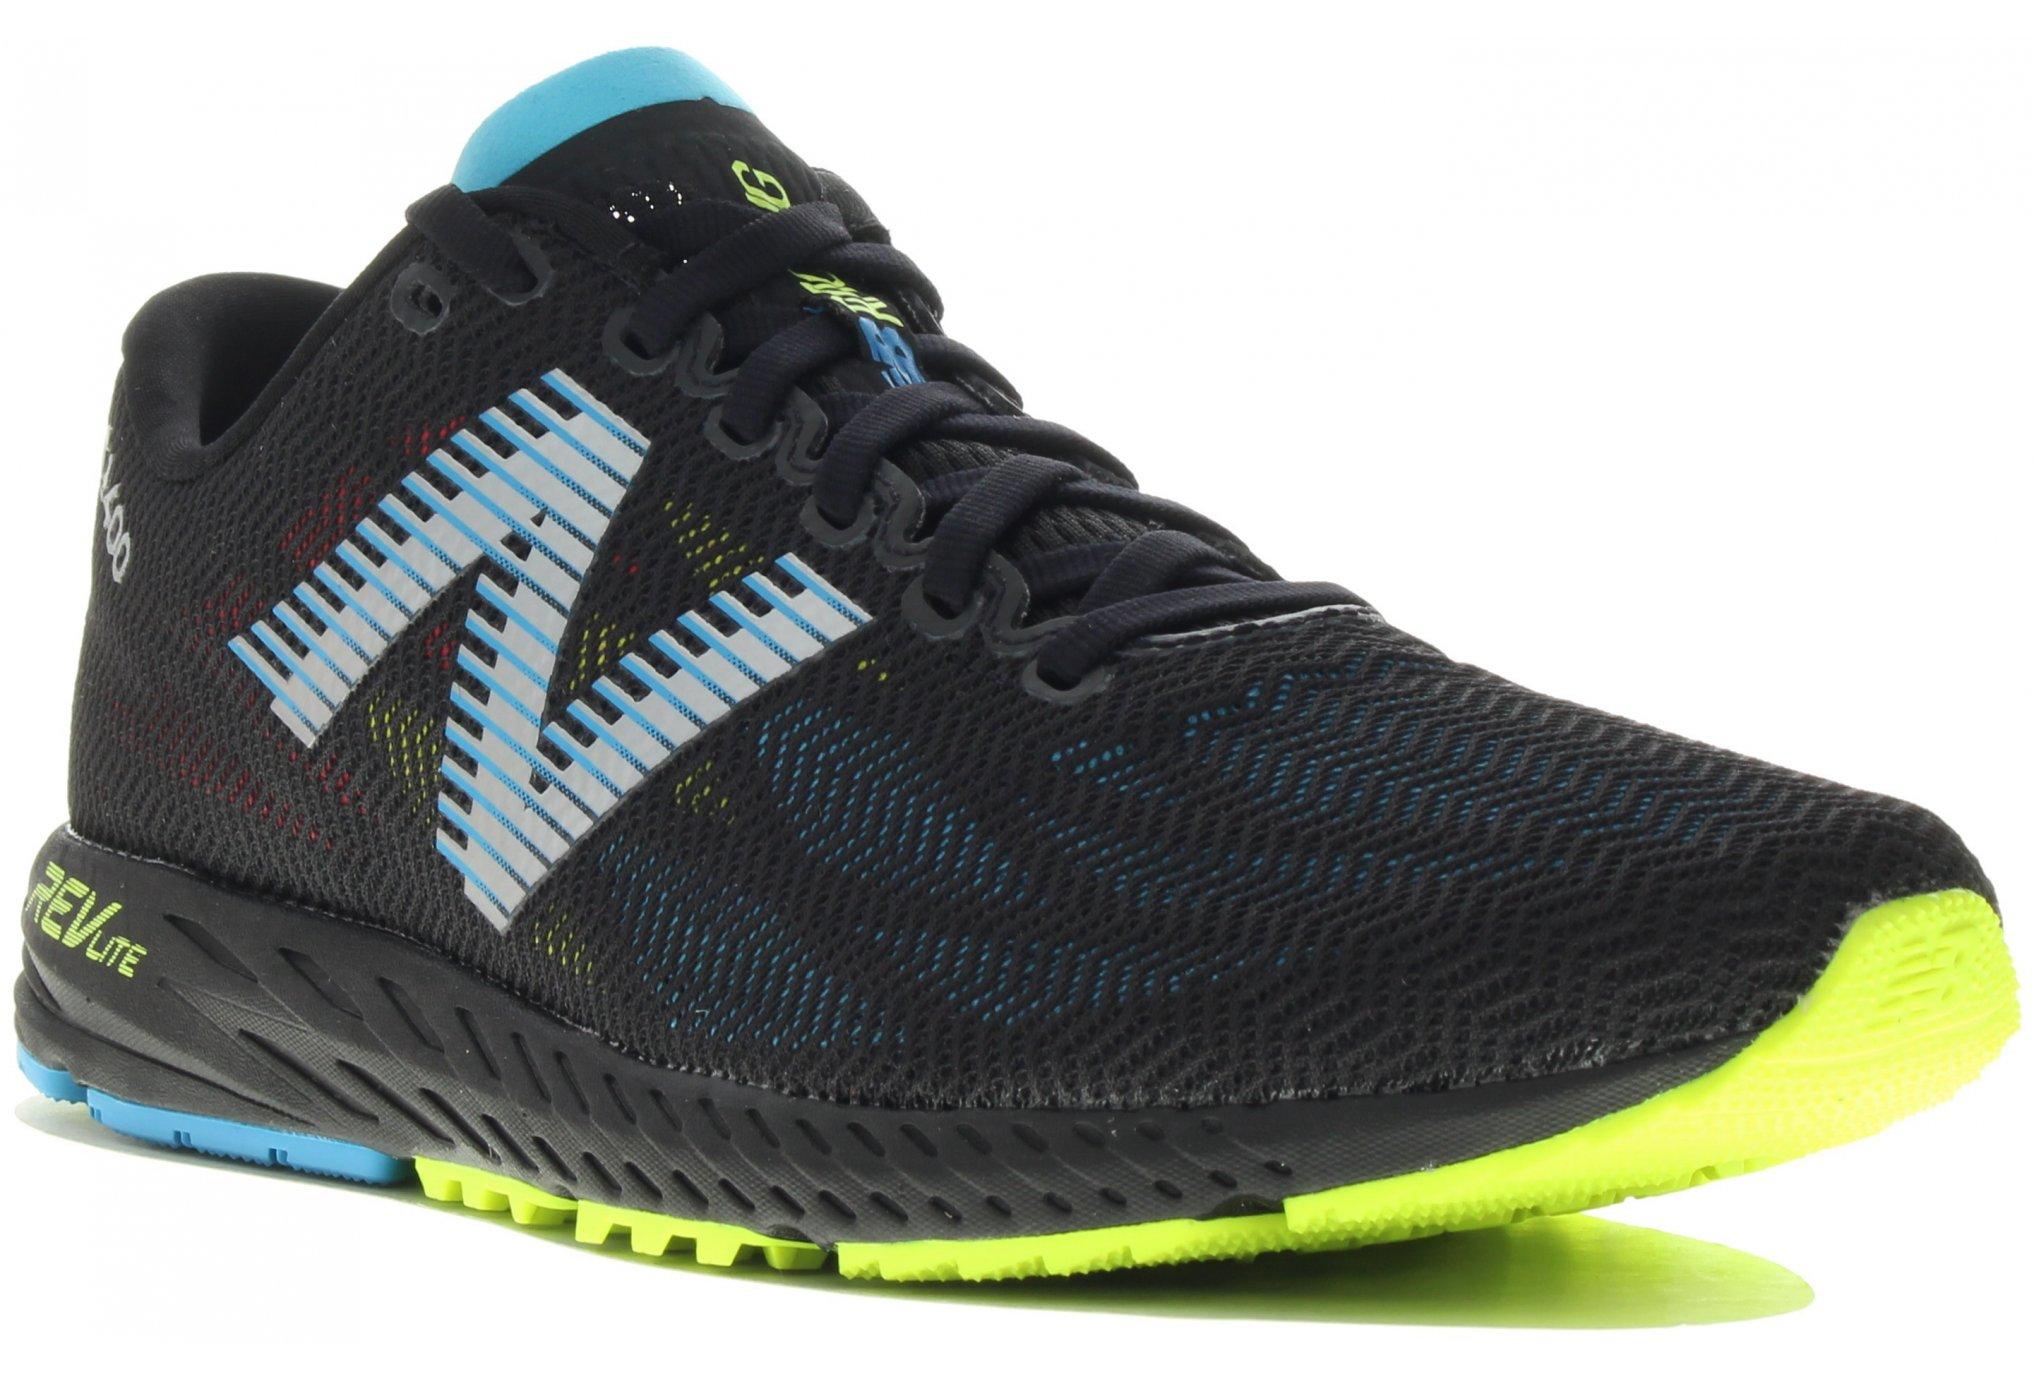 New Balance Femme 1400v6 Chaussures De Course Baskets Sneakers Noir Bleu Rose Sport